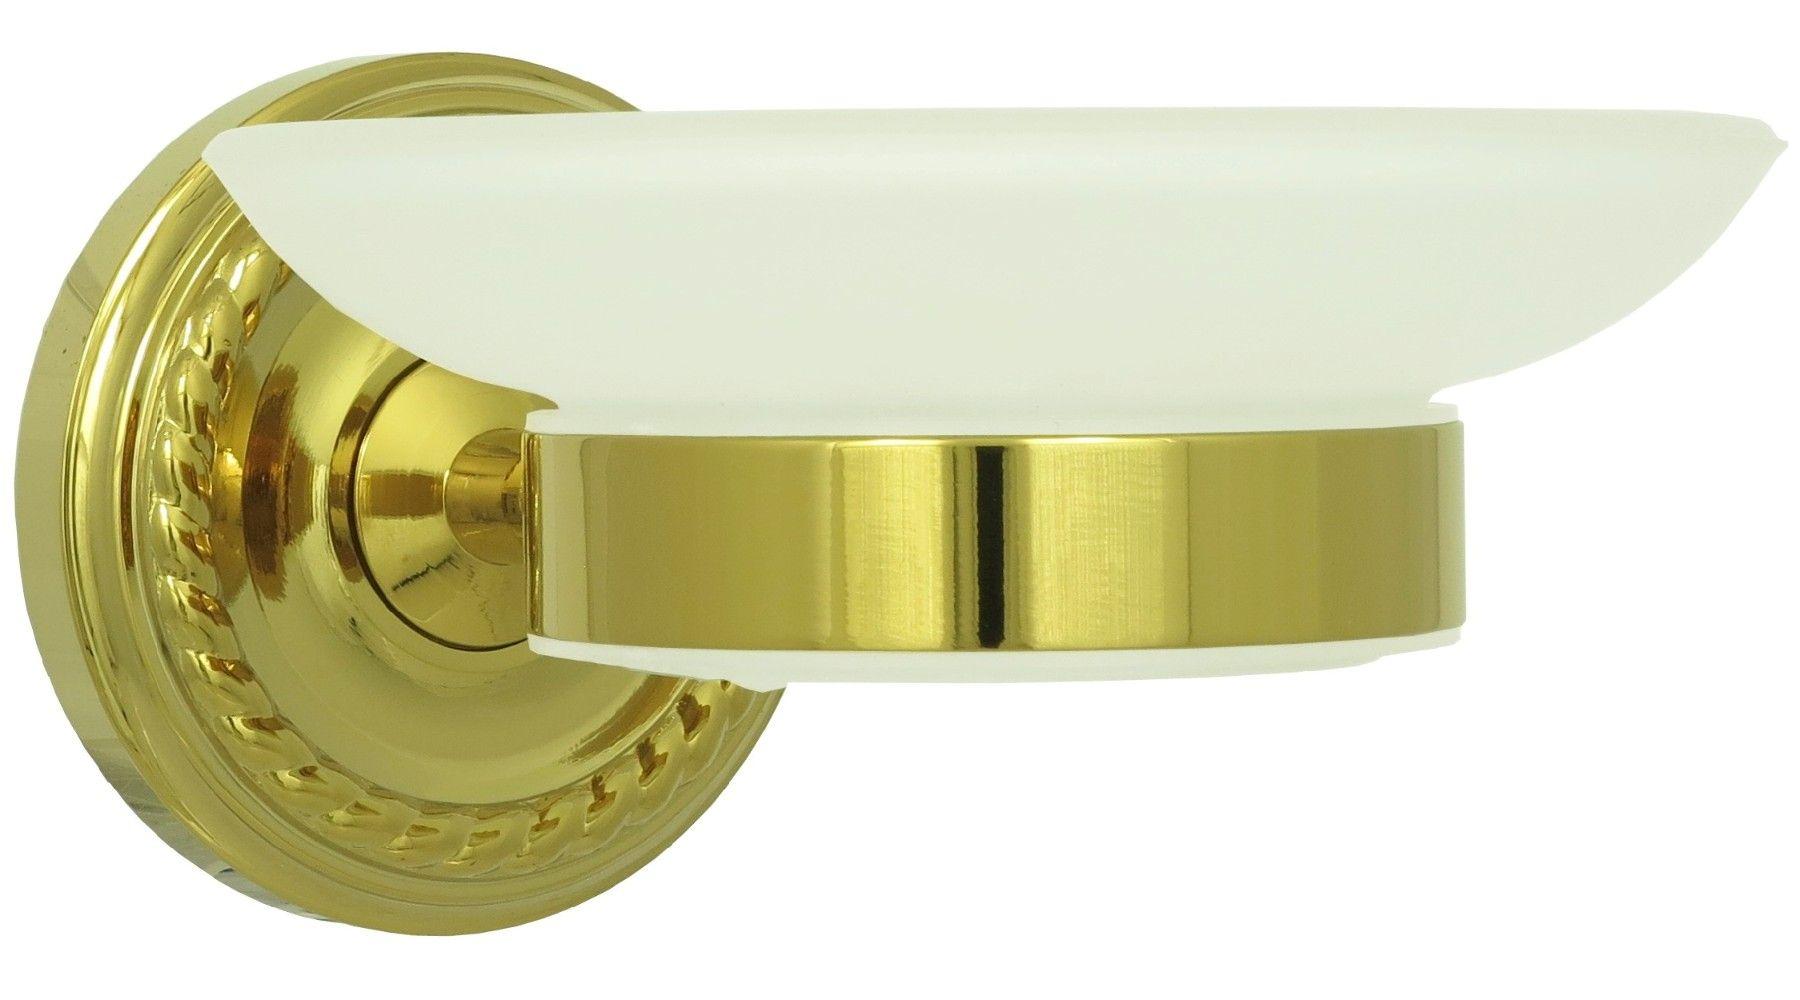 Retro Seifenschale Seifenablage Seifenhalter Milchglas Schale Gold 9004 |  Dirks Traumbad